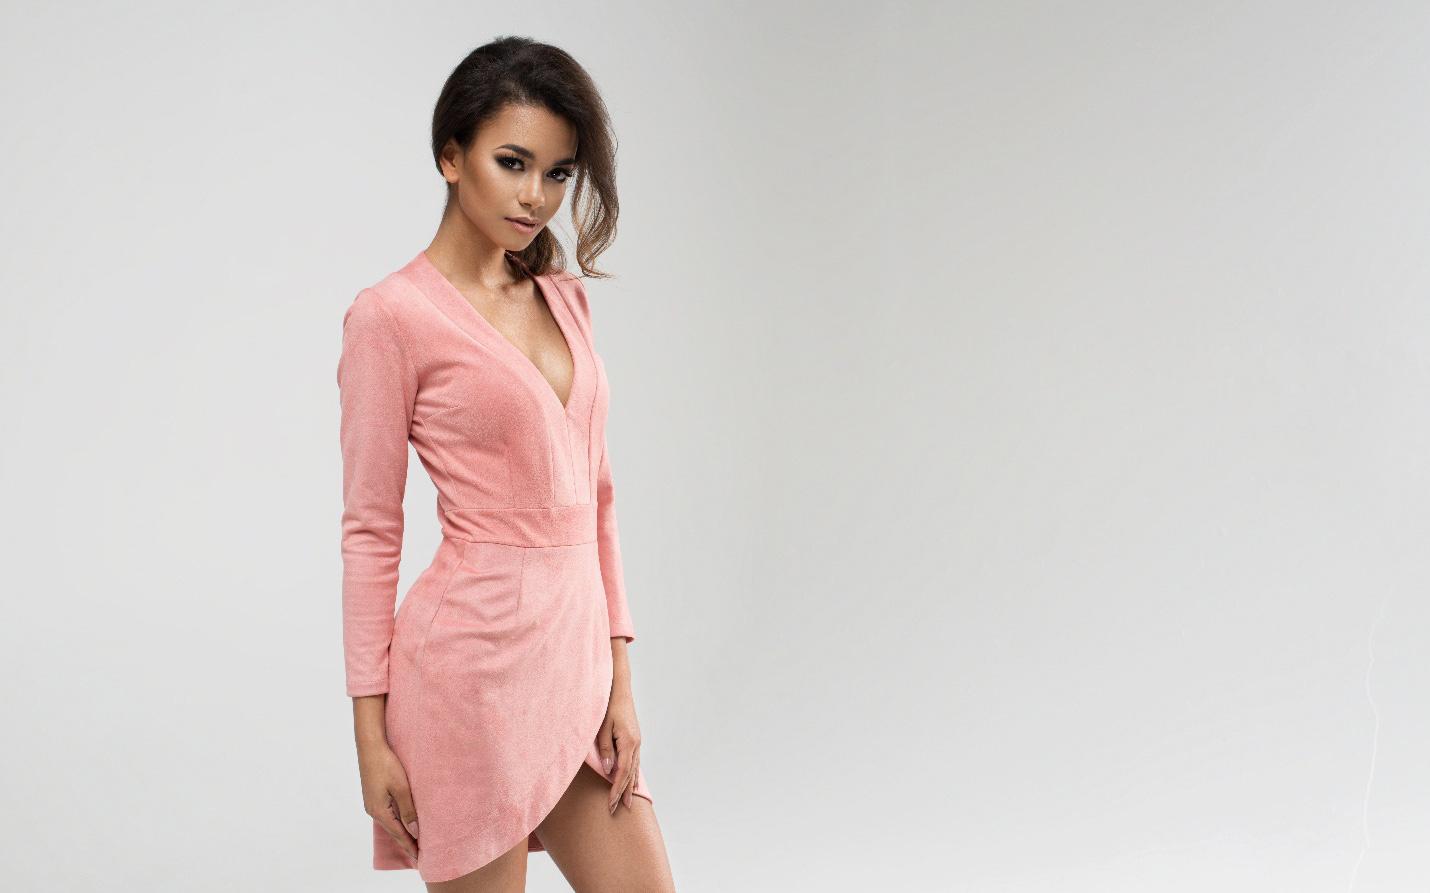 Bí kíp giúp các nàng U30 cân hết mọi kiểu váy áo cổ sâu quyến rũ